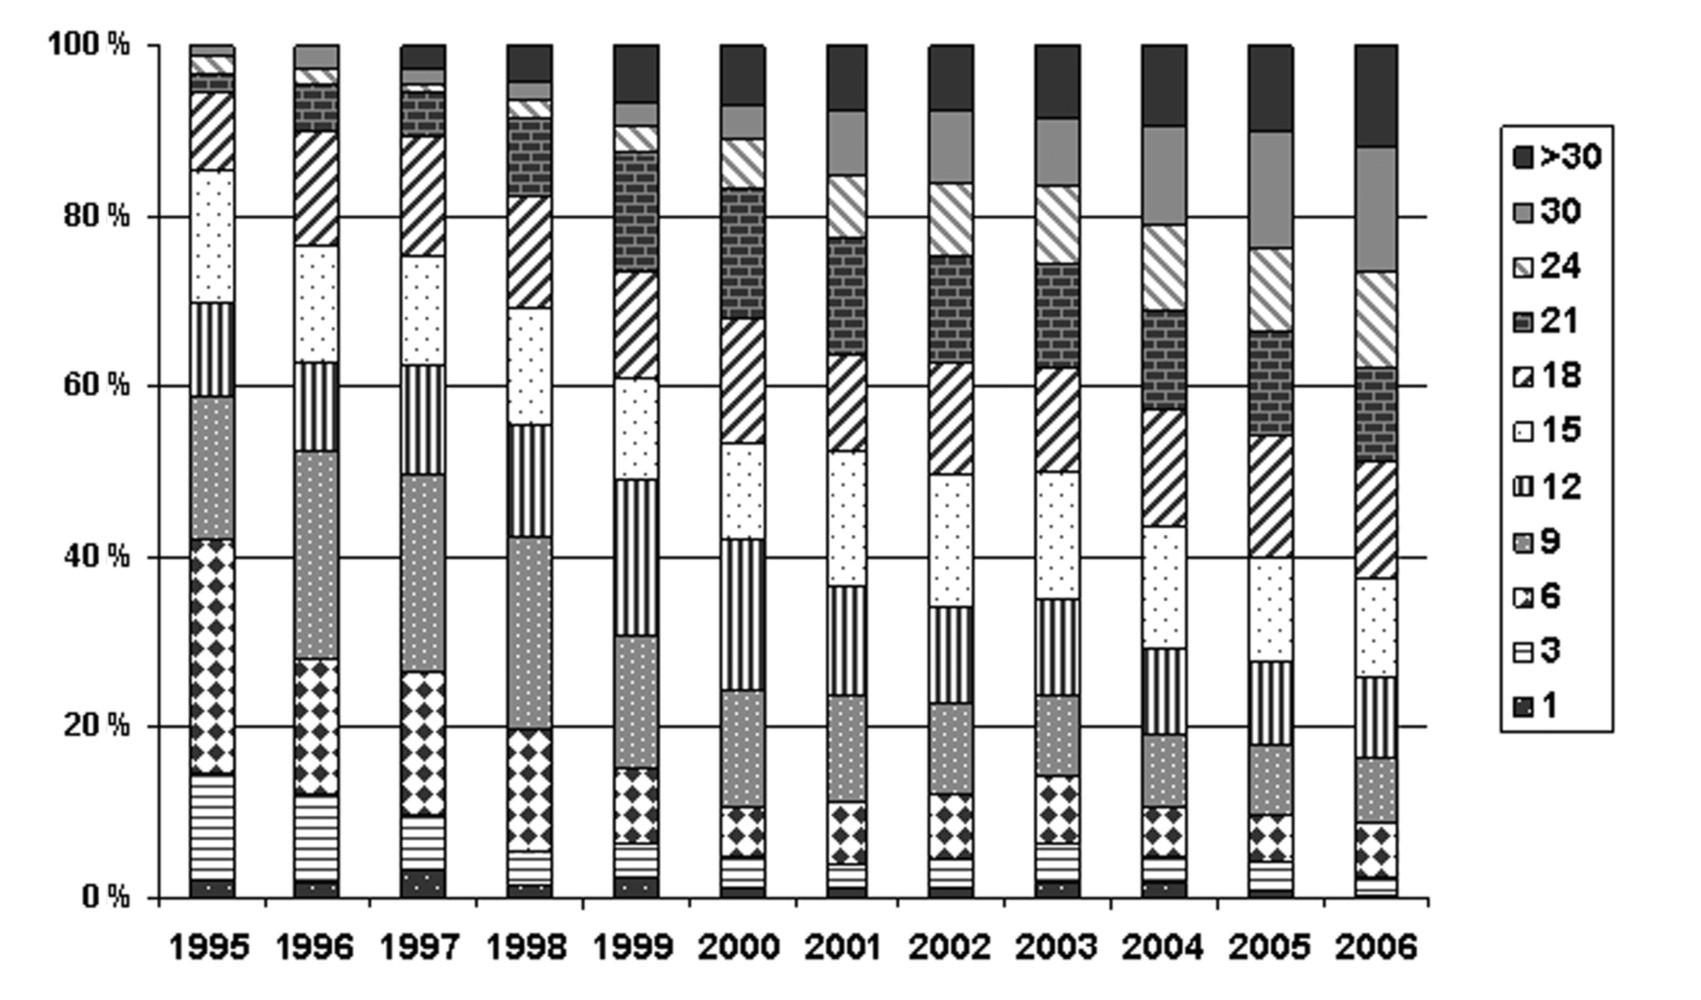 Vekové rozdelenie CF pacientov v rokoch 1995–2006. V roku 1976, pri vzniku centra CF na Slovensku, bolo registrovaných 26 pacientov (priemerný vek 4,7 roka, najstarší mal 13,8 roka). V roku 1995 boli v národnom CF registri údaje o 213 CF pacientoch, z toho 142 dispenzarizovaných a 71 exitovaných. Len 5 (3,5 %) pacientov bolo vo veku nad 18 rokov. V priebehu 12 rokov sa počet pacientov v registri zvýšil na 505. Z 399 dispenzarizovaných pacientov v roku 2006 bolo 187 dospelých (46,9 %). 9 pacientov (2,3 %) malo viac ako 60 rokov.